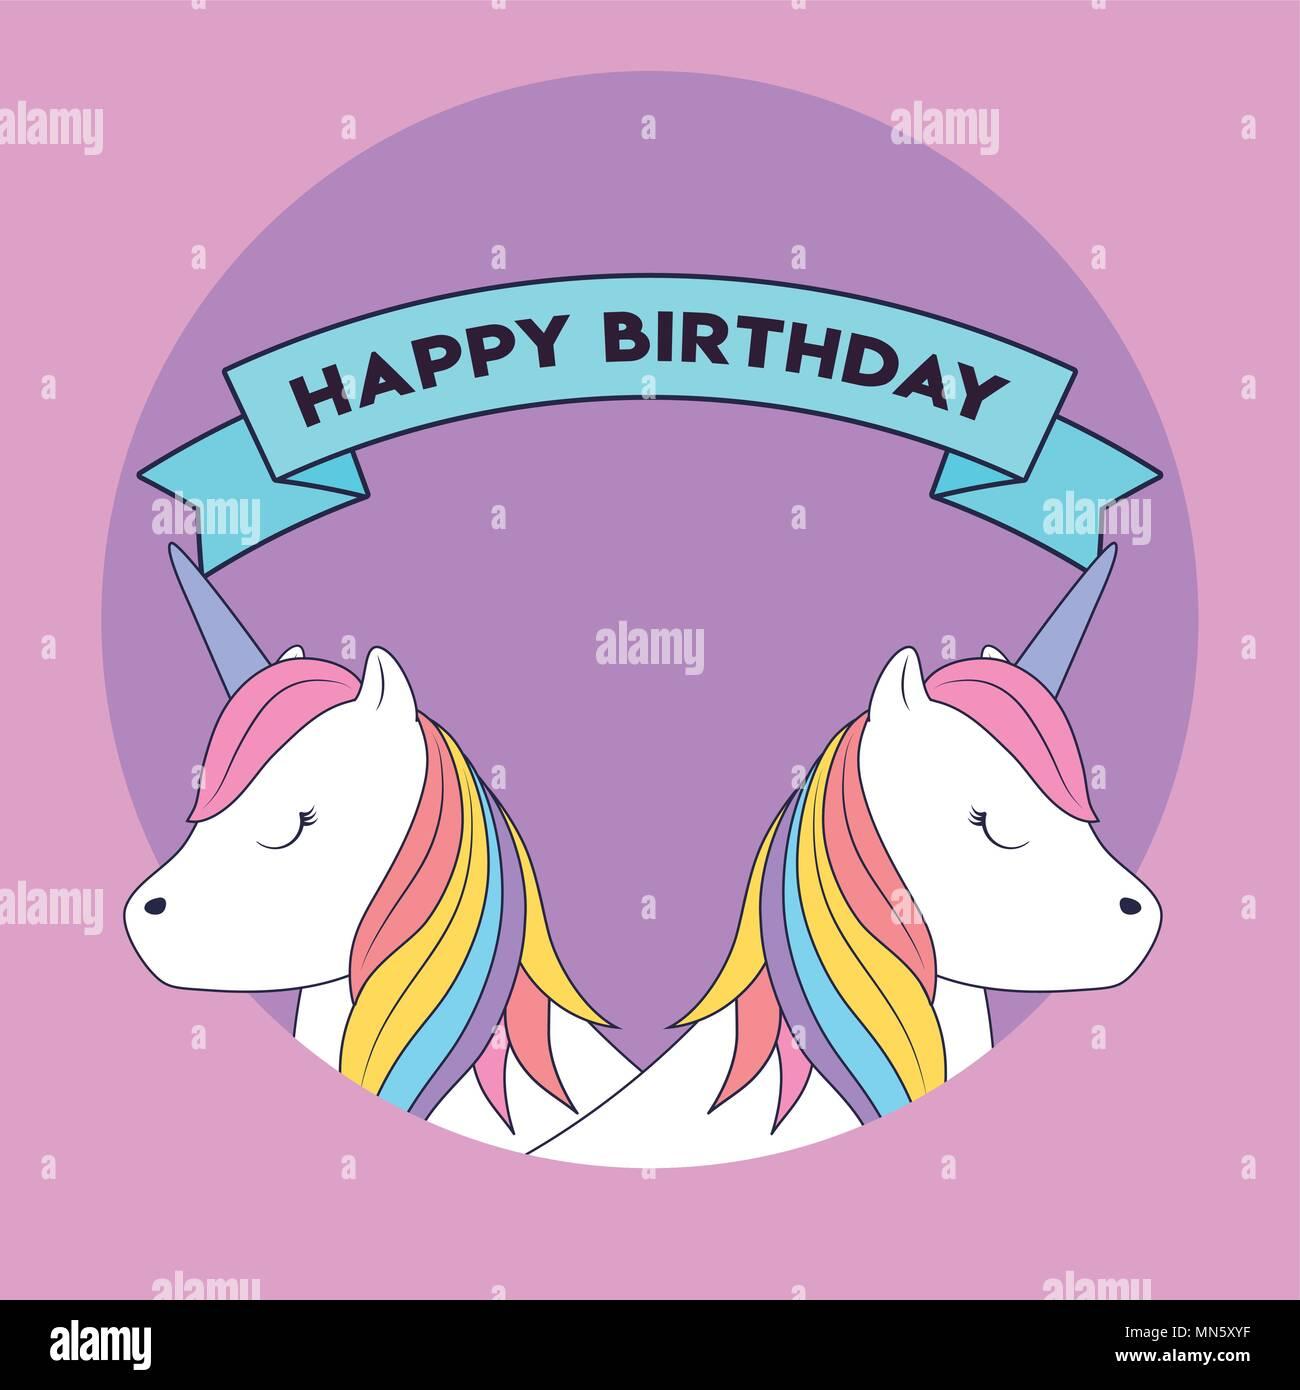 Feliz cumpleaños con diseño lindo unicornios icono y cinta decorativa sobre fondo púrpura, ilustración vectorial diseño colorista. Imagen De Stock